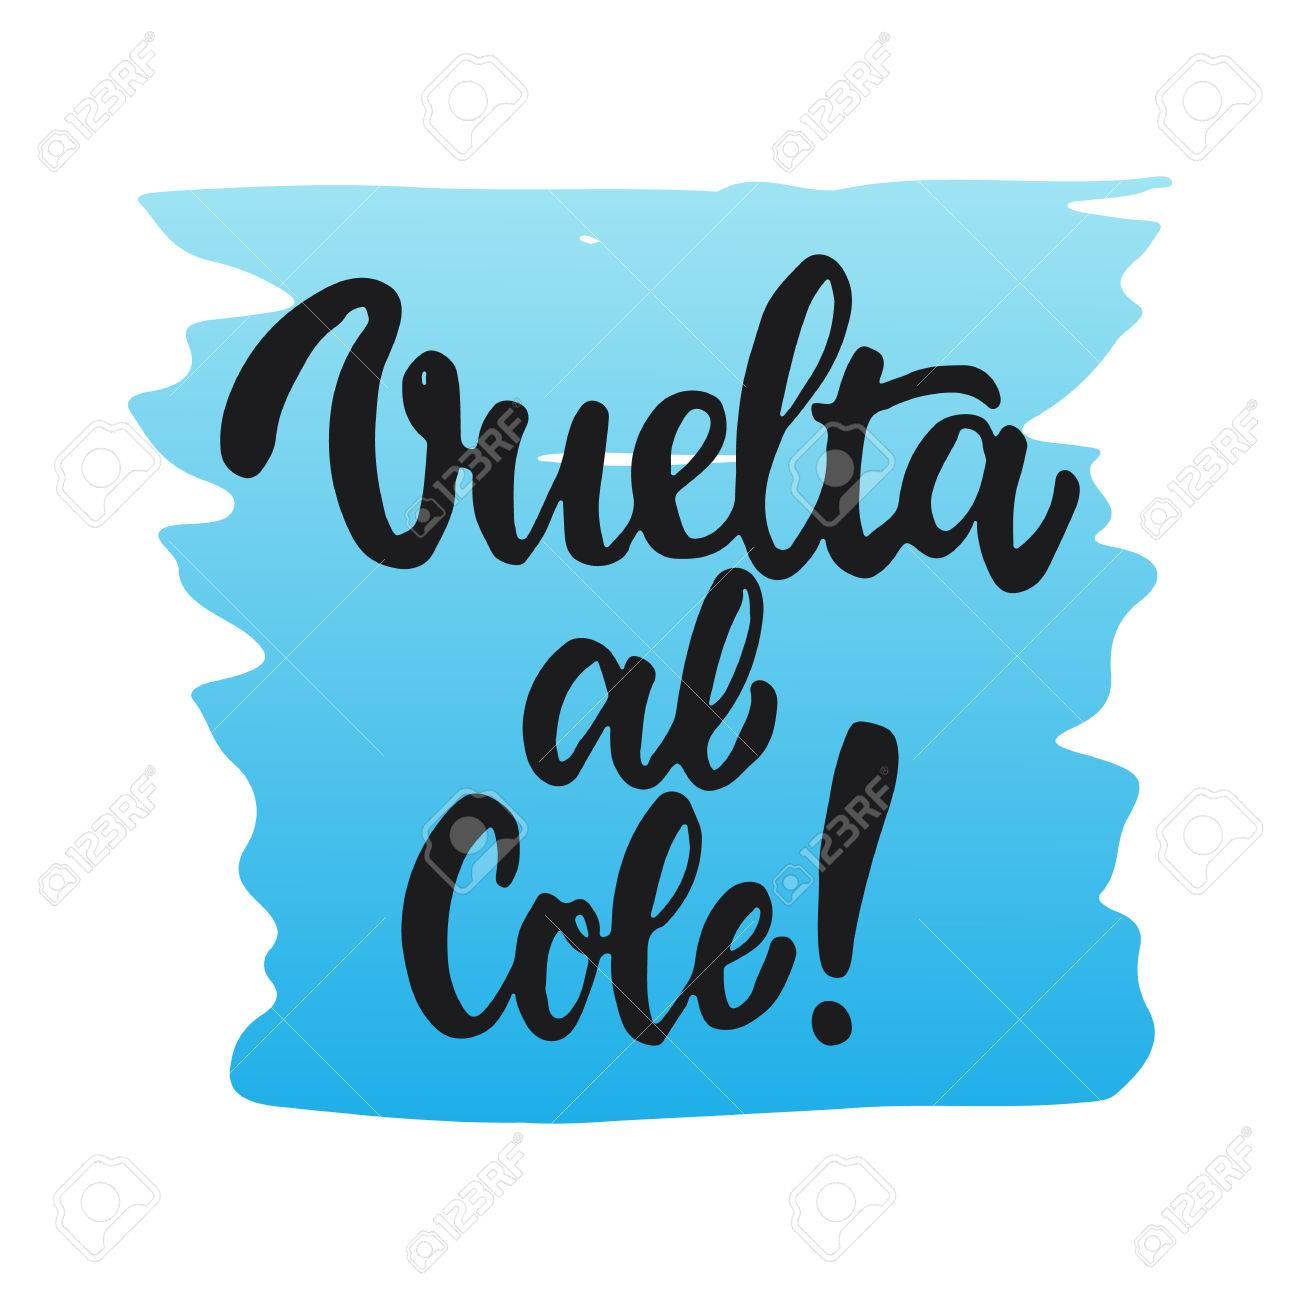 Vuelta Al Cole Volver A La Escuela Las Letras De La Frase En Español La Caligrafía Texto Escrito A Mano Aislado En El Fondo Blanco La Caligrafía